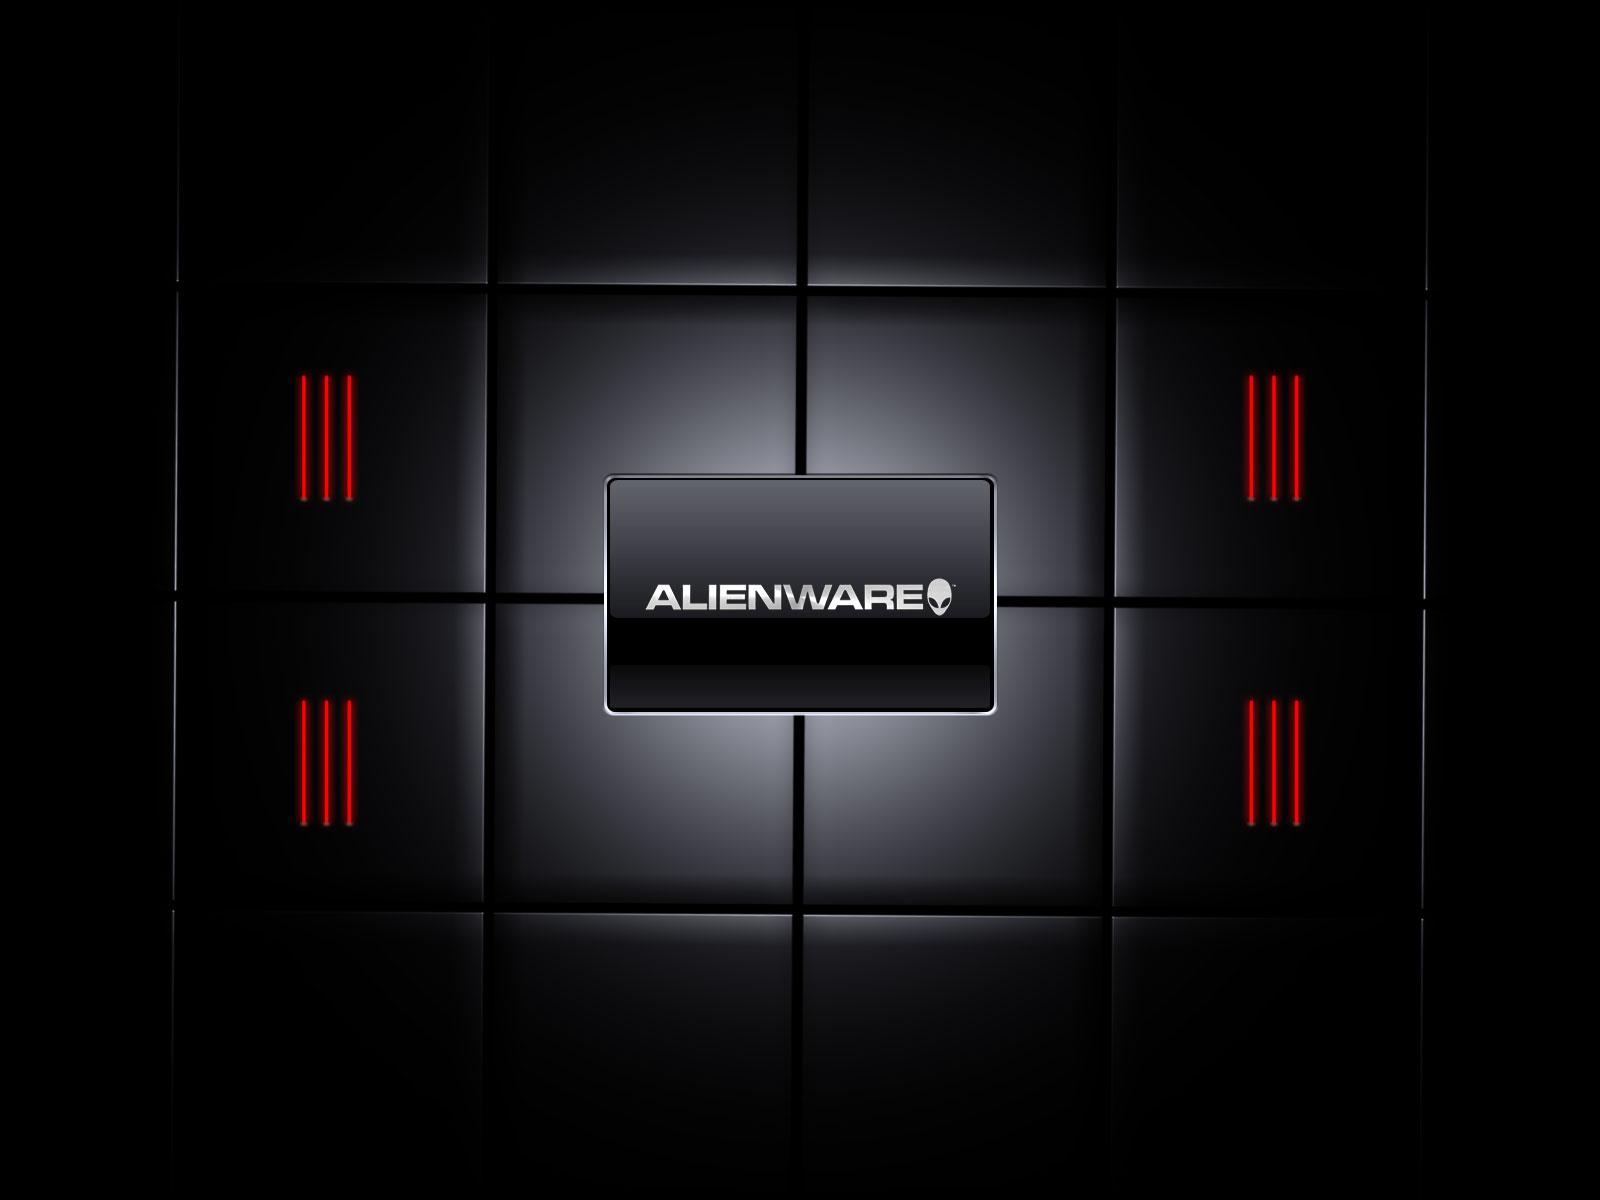 http://3.bp.blogspot.com/_Ump4ogbzqMc/TMsg3c9BPnI/AAAAAAAABCY/tnBtLNRqwC8/s1600/Alienware%252BDarkstar%252BWallpaper.jpg